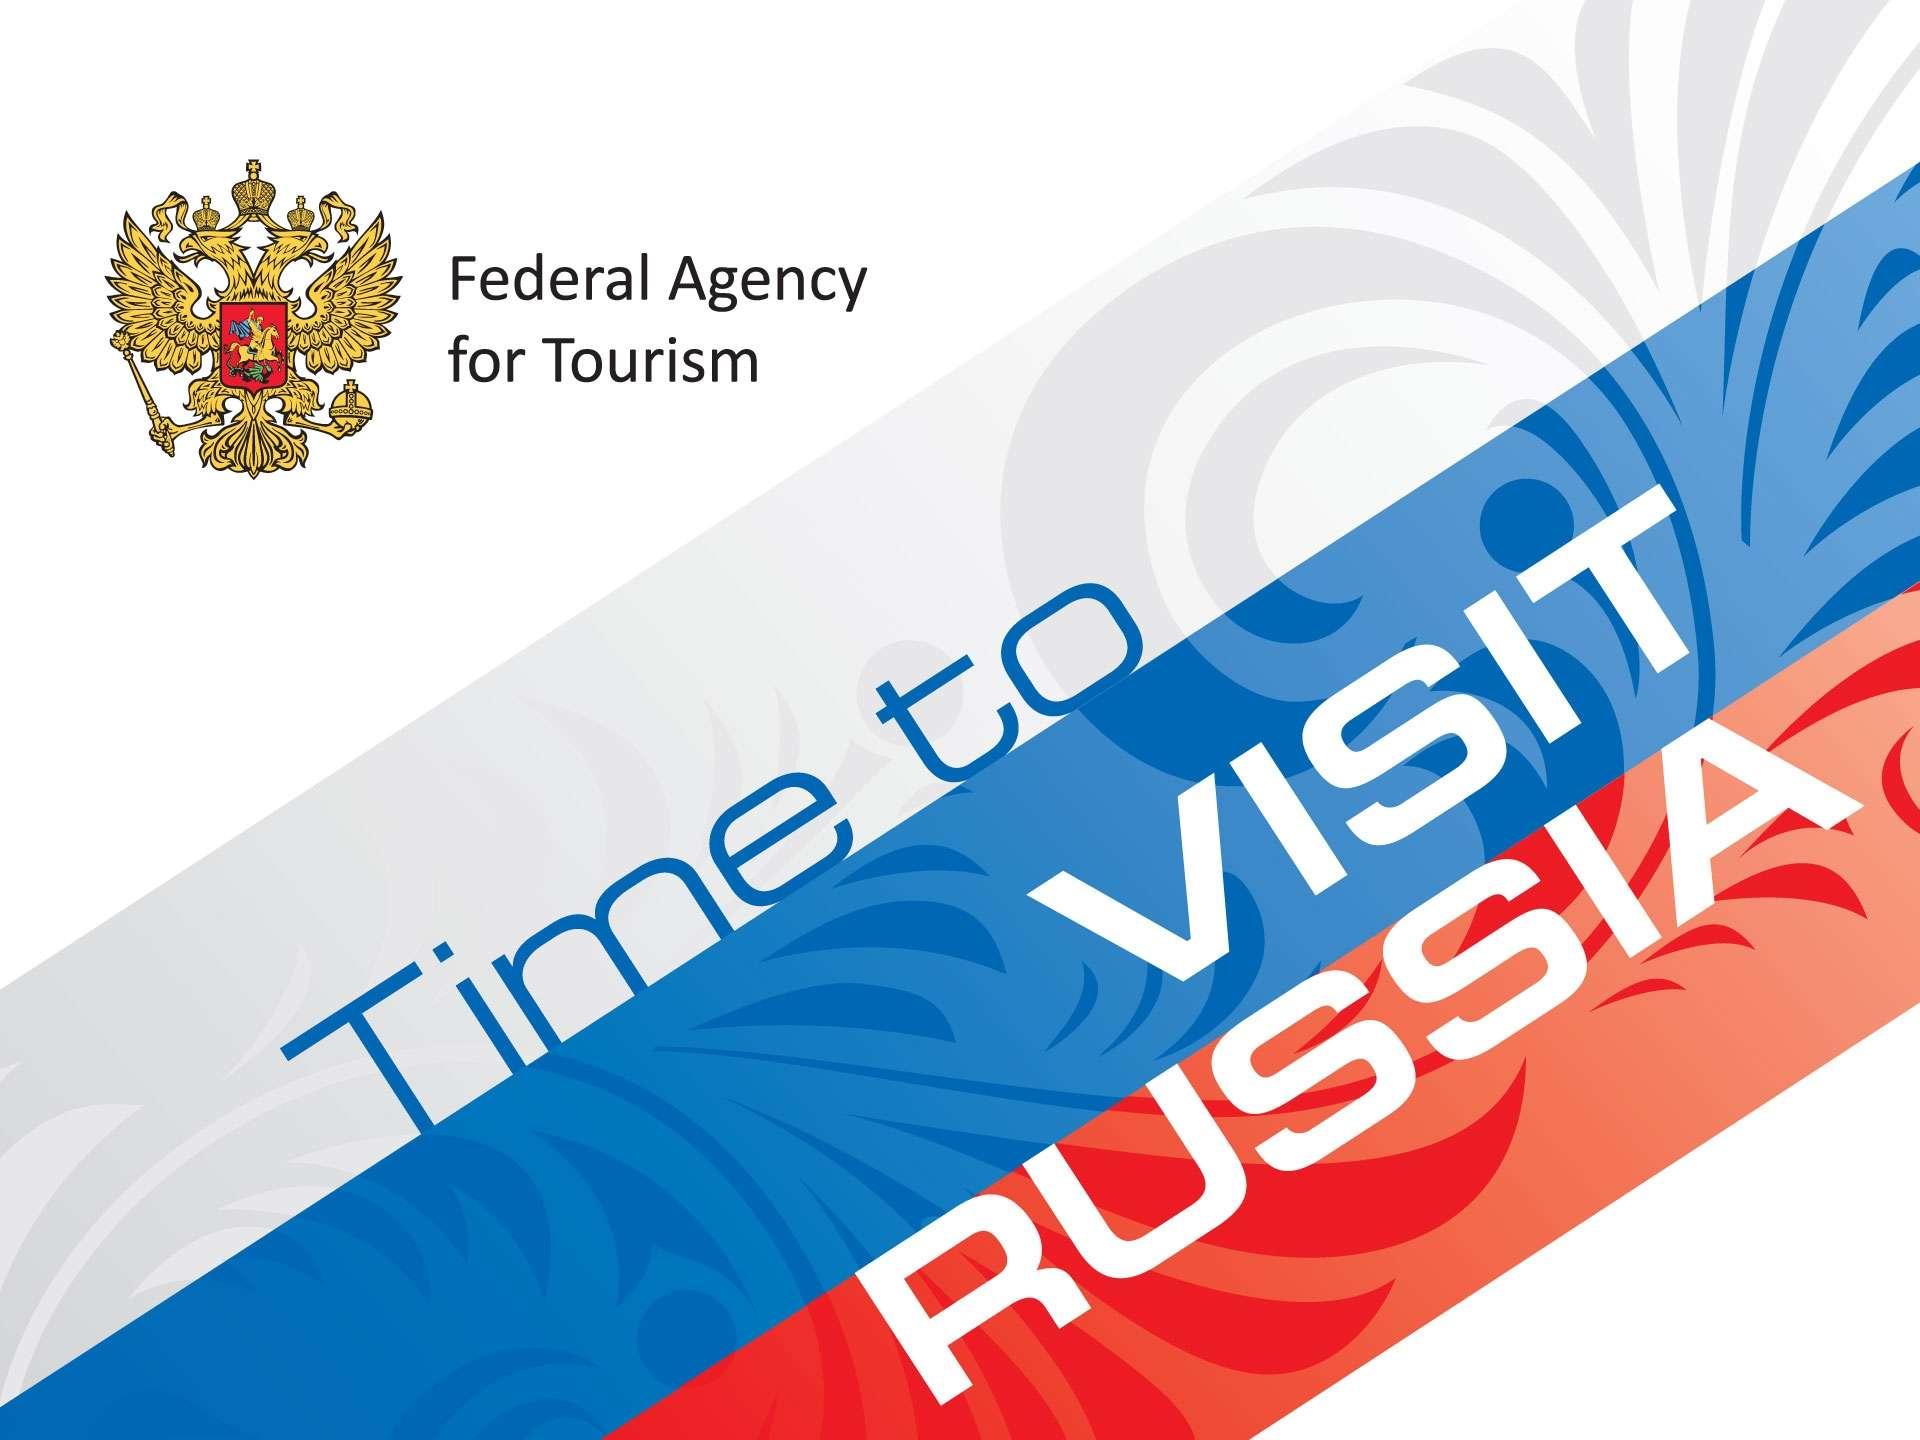 La oficina de visit russia en madrid comenzara a funcionar en agosto septiembre de 2016 - Oficina turismo paris en madrid ...